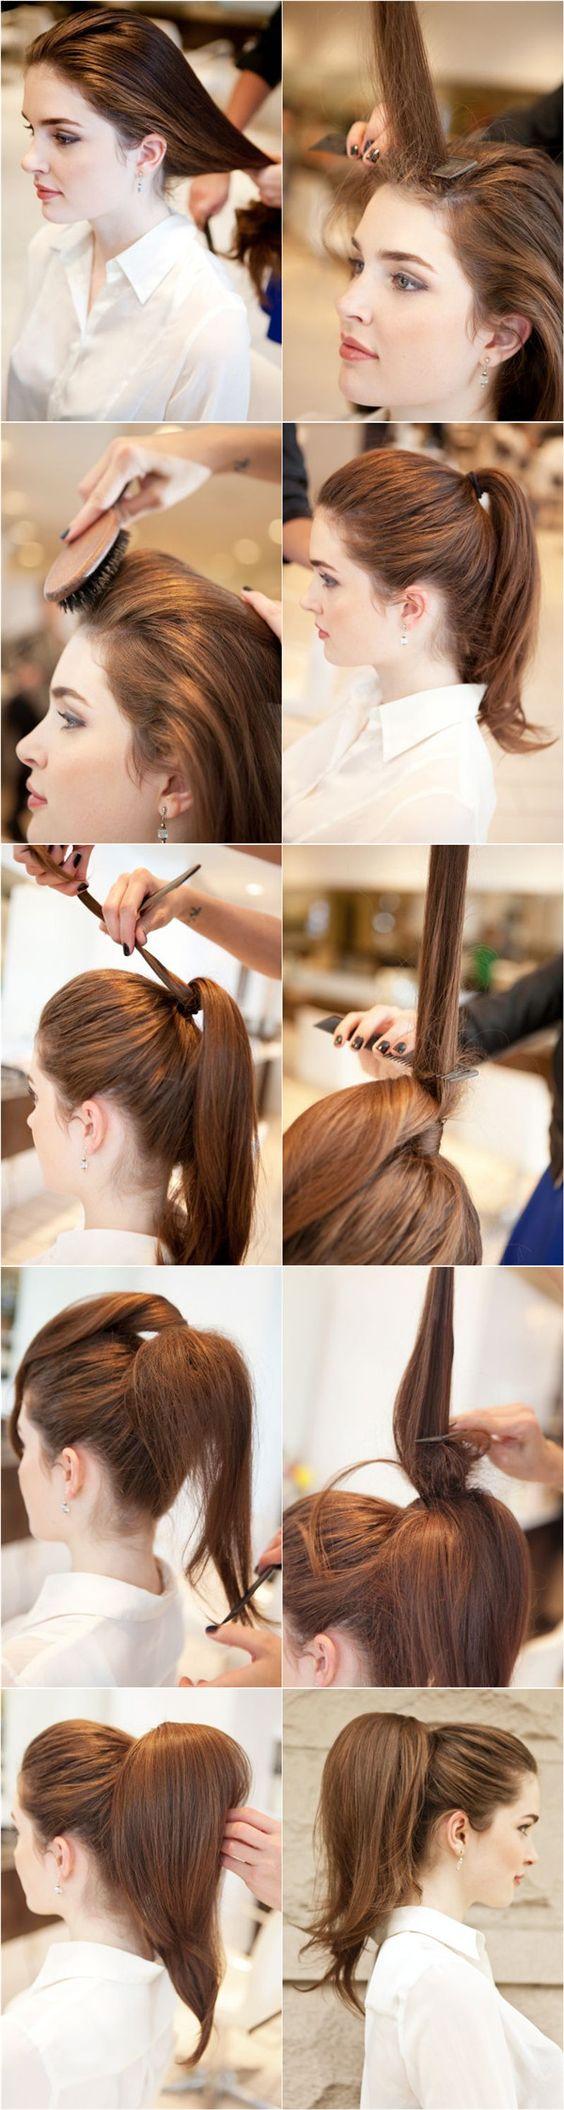 Frisuren Tipps: wie kann man einen Pferdeschwanz dichter und länger machen?